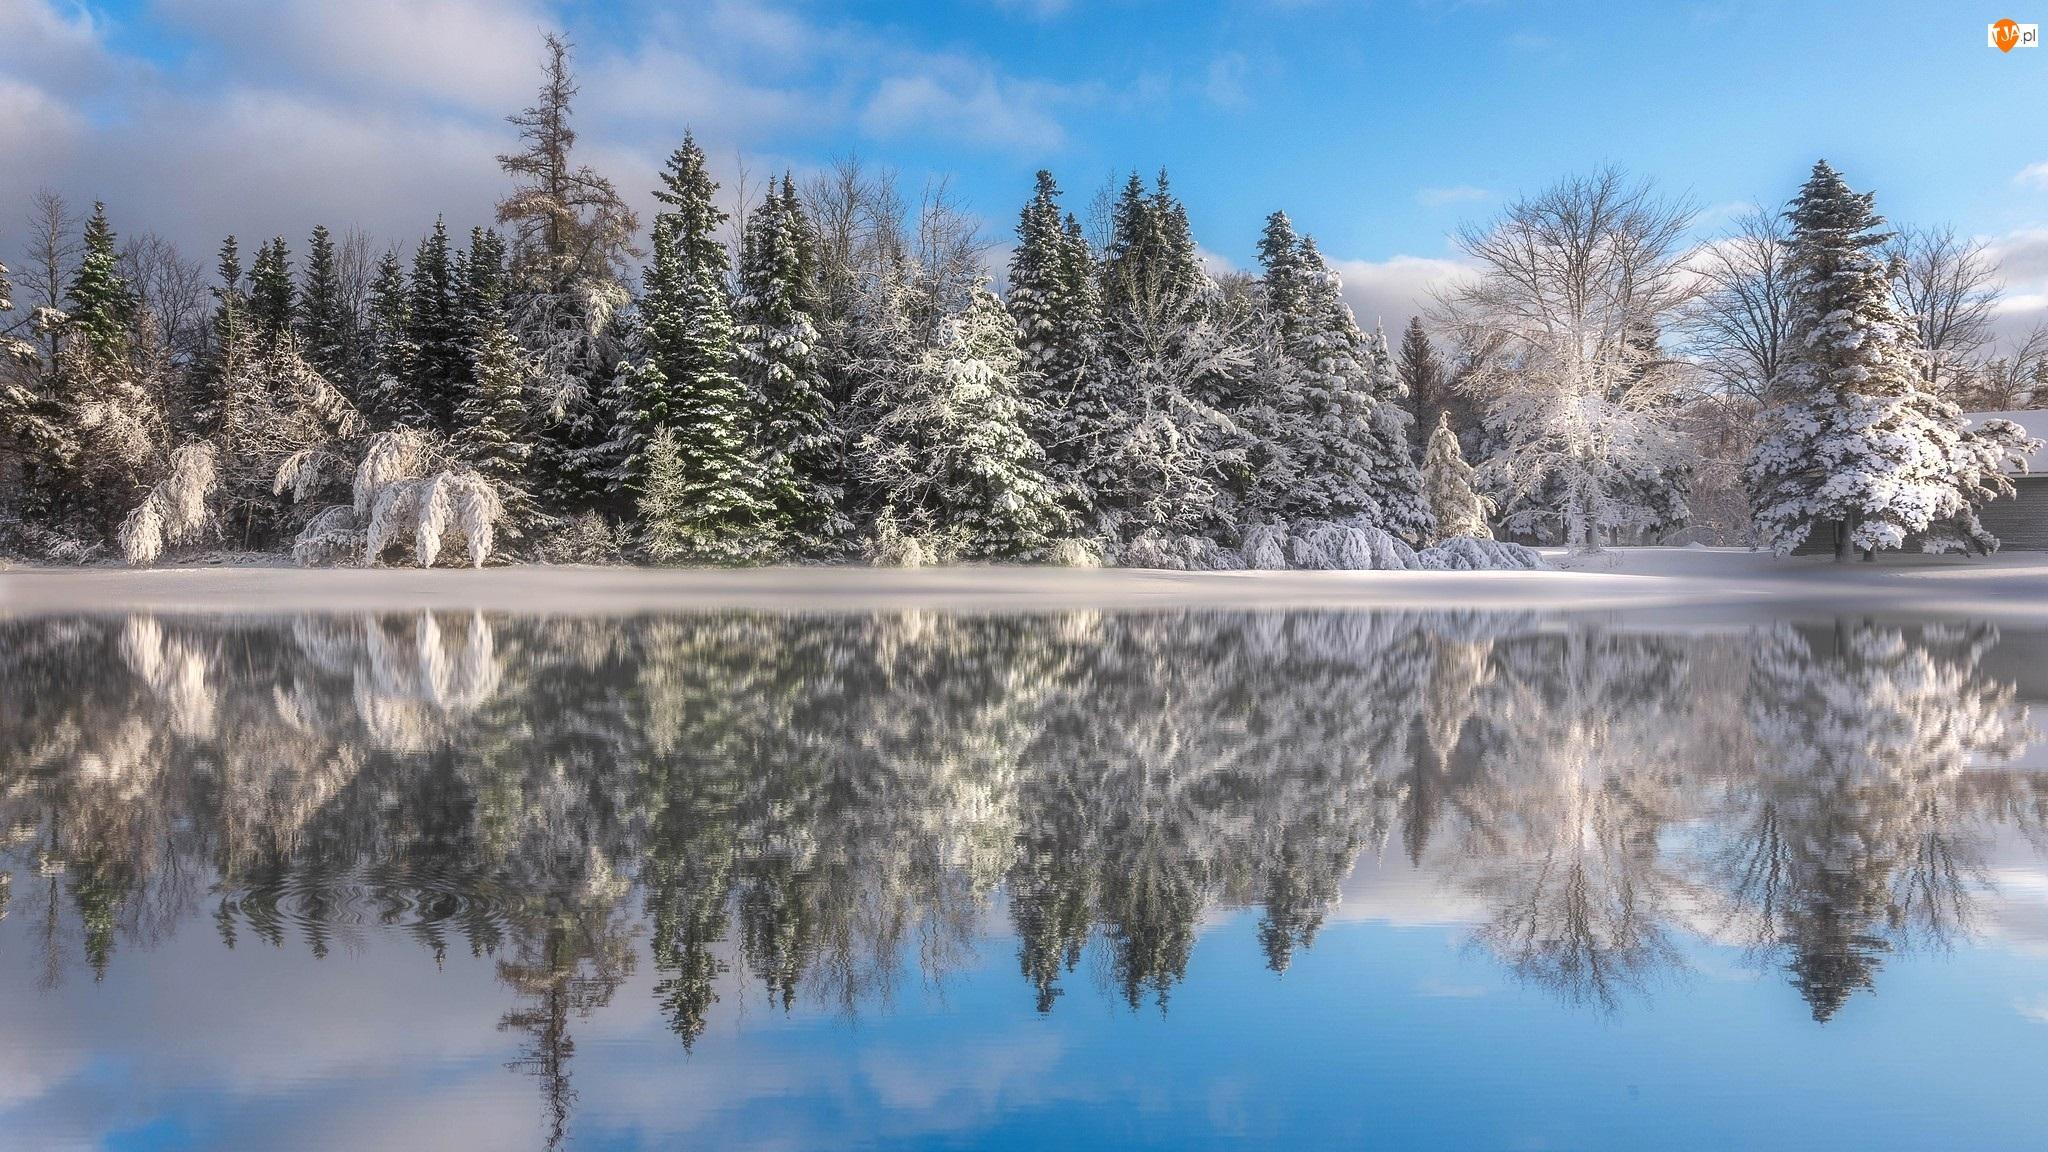 Rzeka, Ośnieżone, Prowincja Nowy Brunszwik, Kanada, Odbicie, Zima, Drzewa